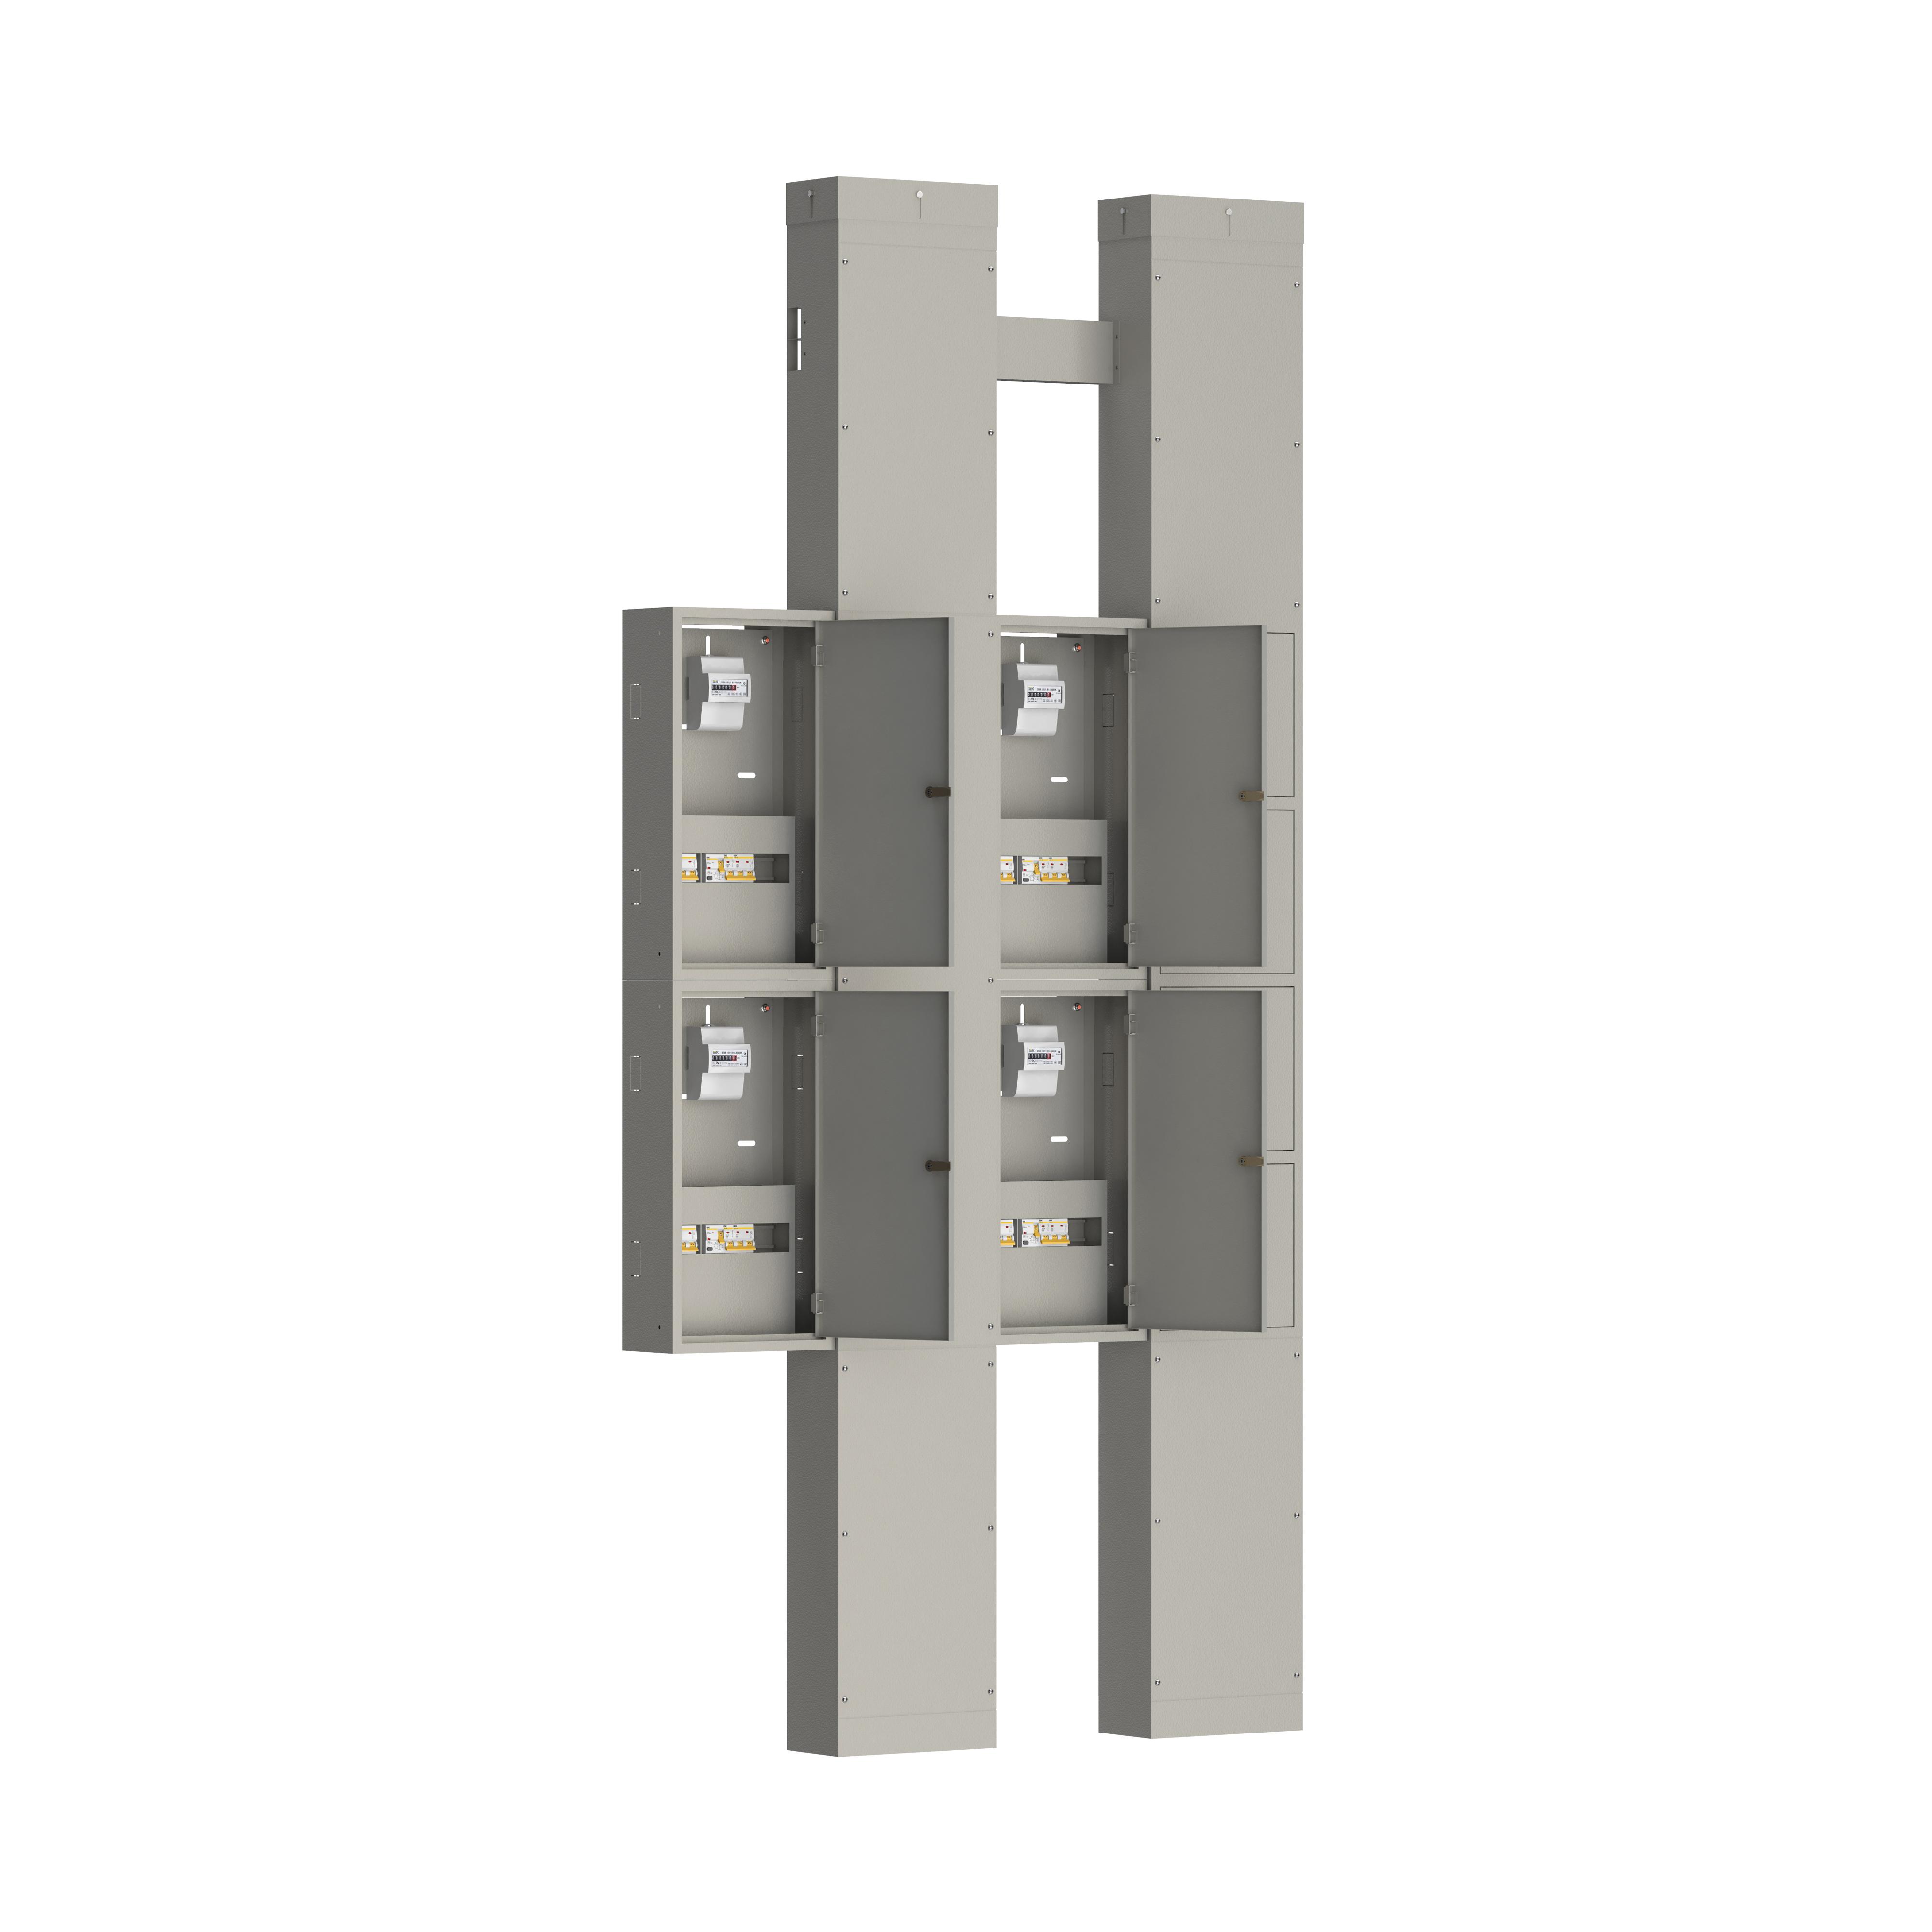 Устройство этажное распределительное УЭРМ-41 на четыре квартиры с однофазным вводом с характеристикой C в каждую квартиру IEK